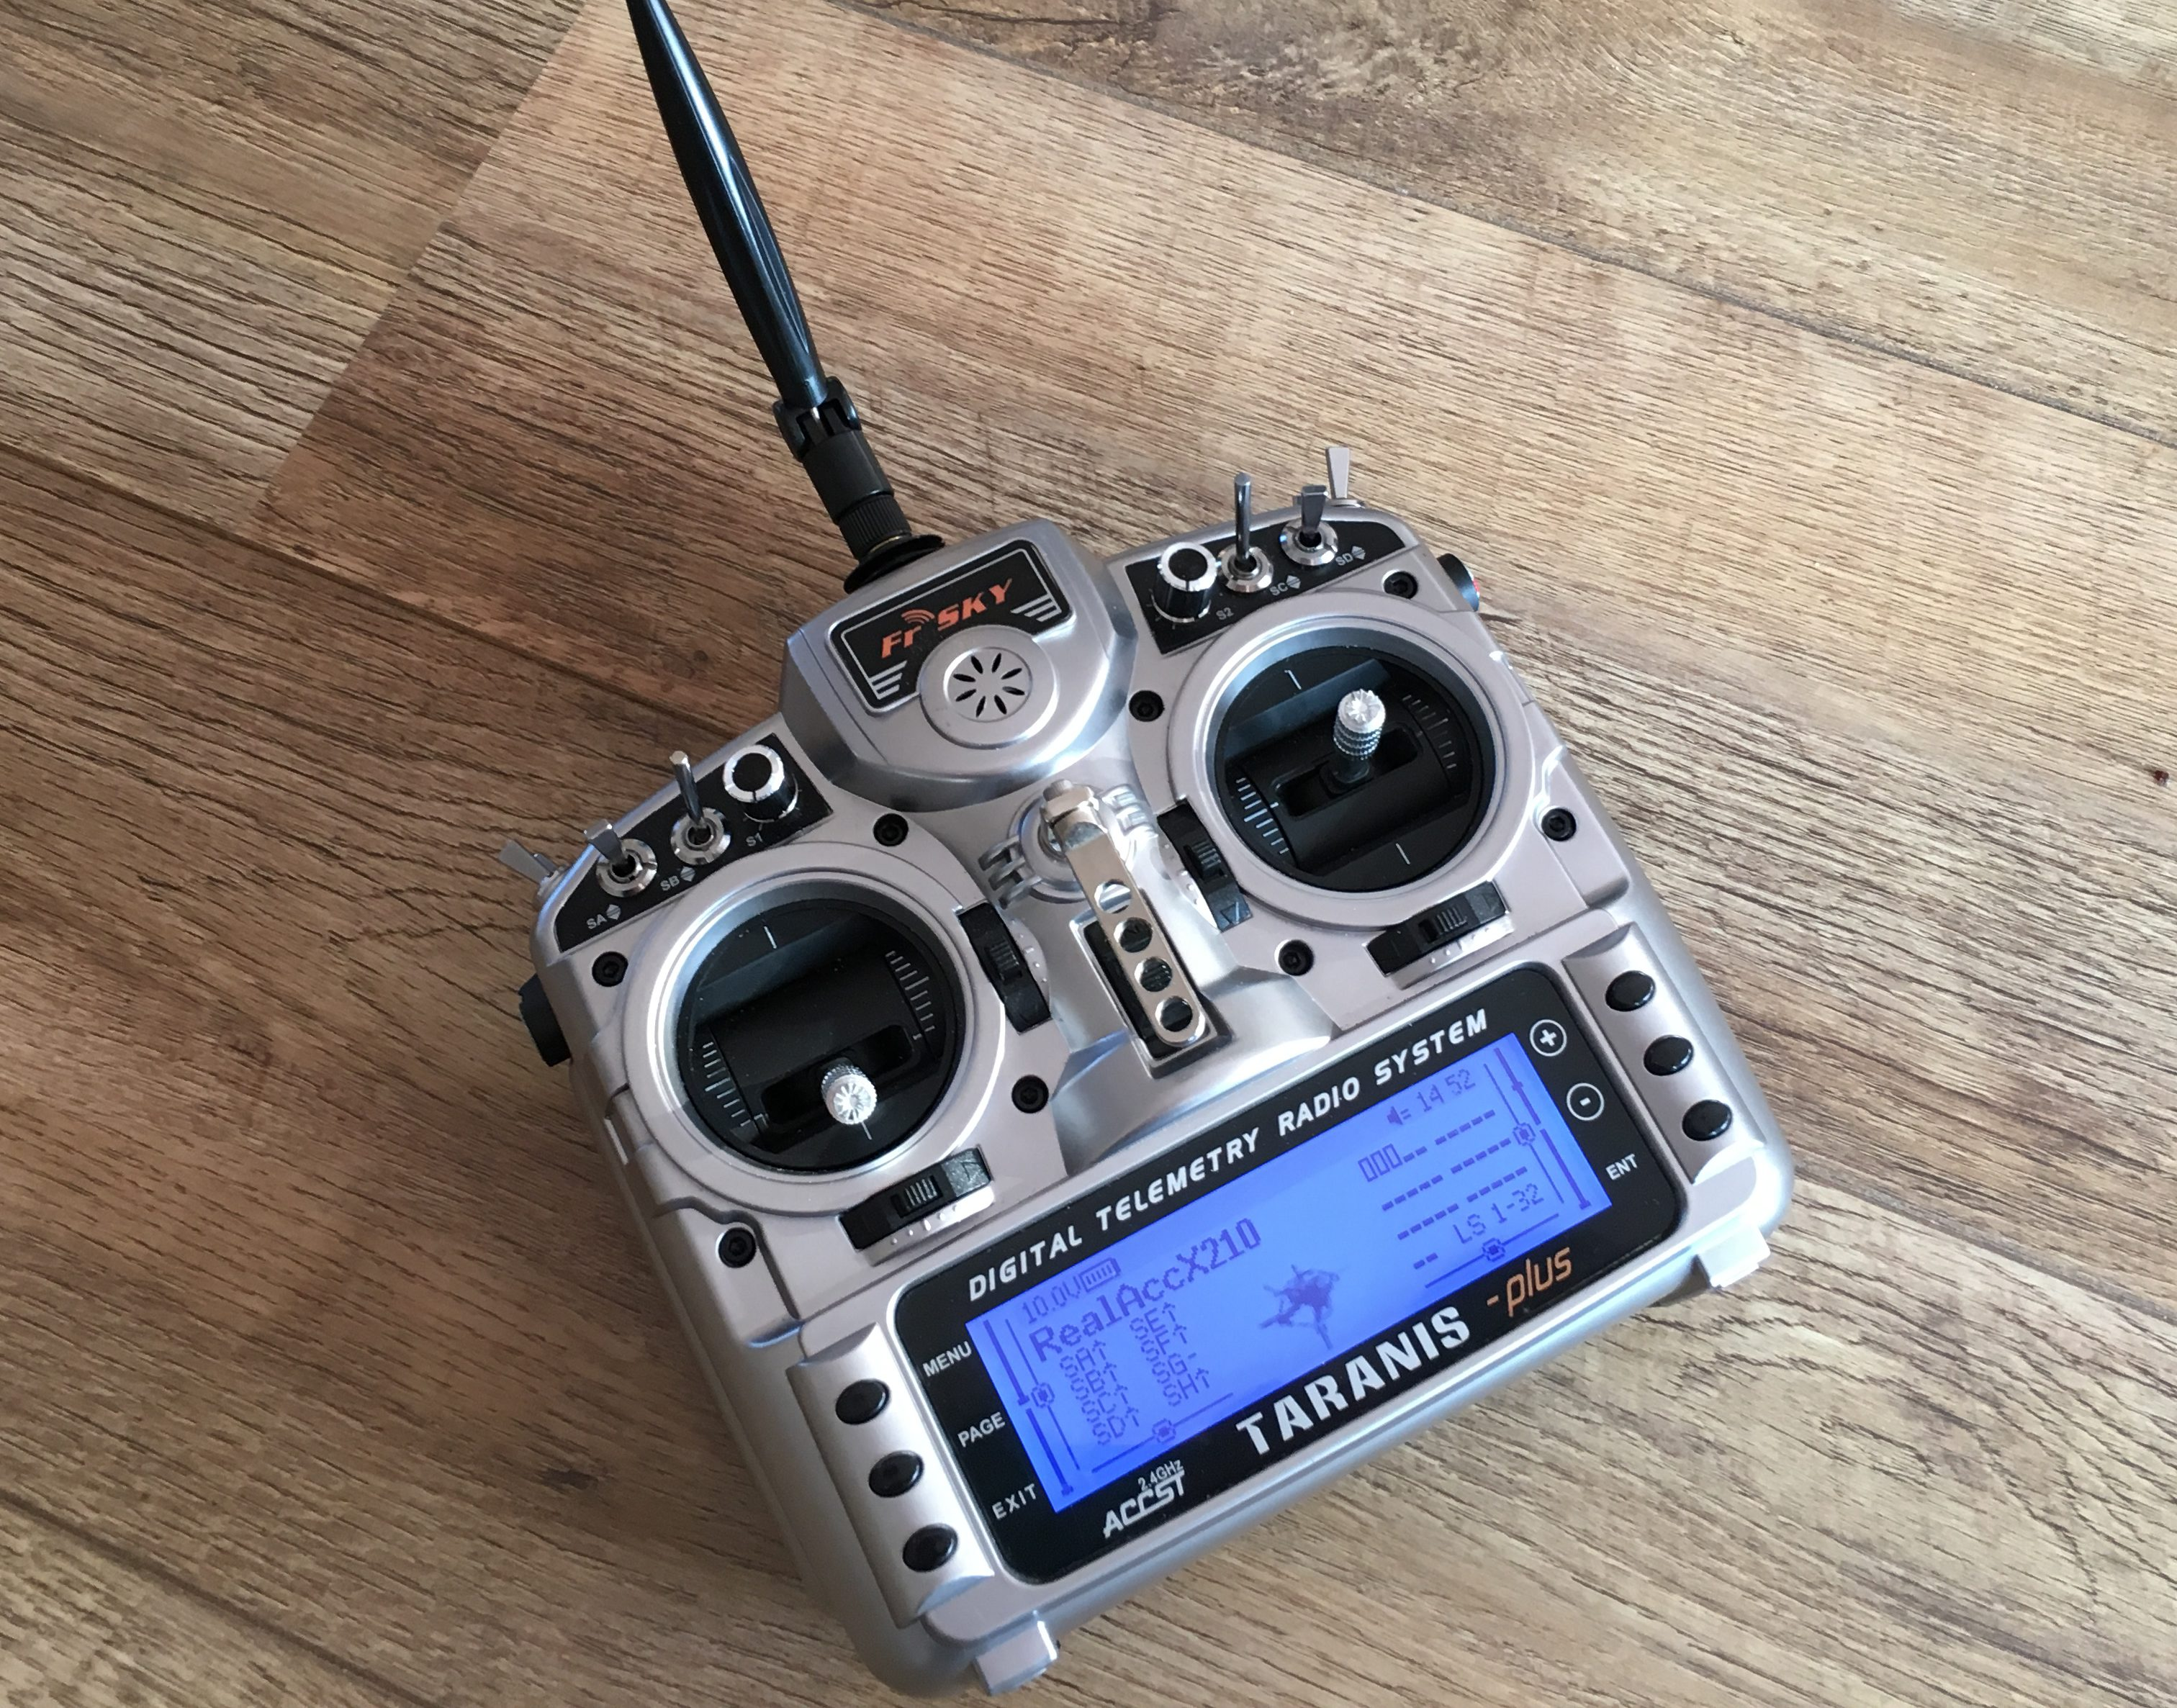 DroneHiTech com – Taranis Antenna Mod